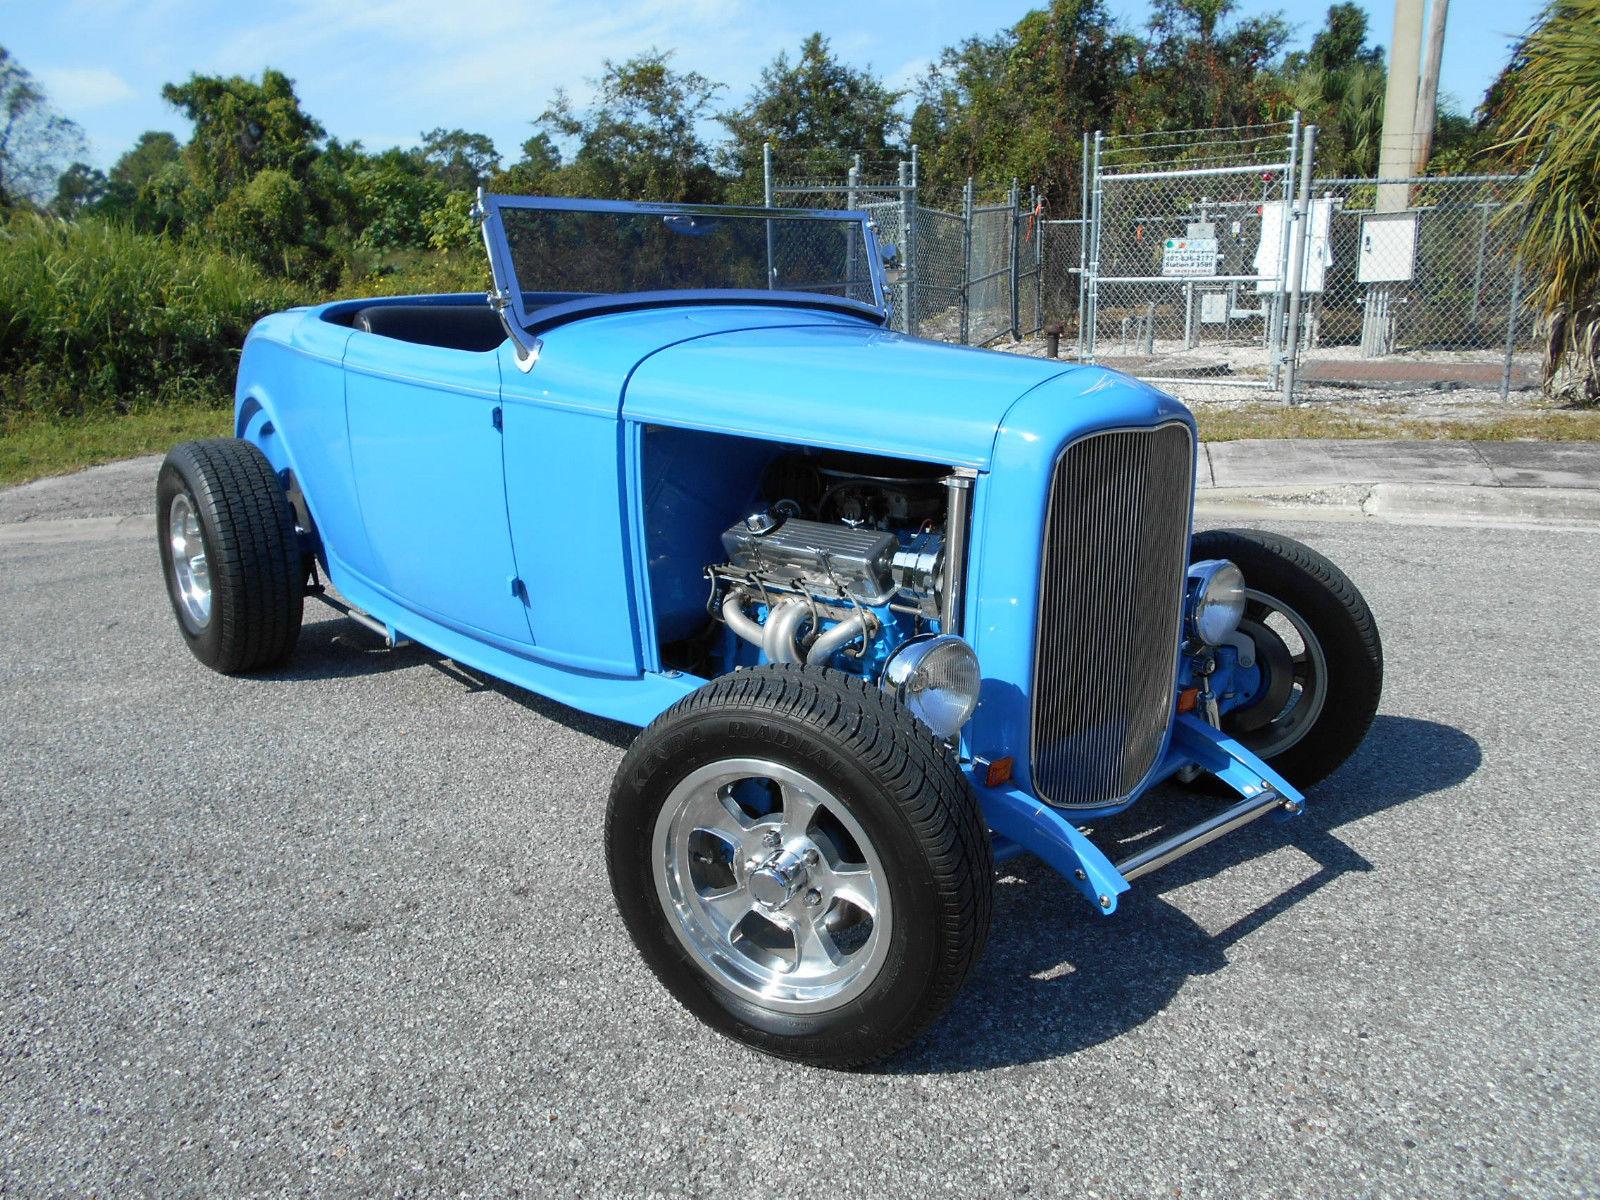 1932 Ford Roadster Highboy Street Rod,Grabber Blue,Auto,V-8,Old ...